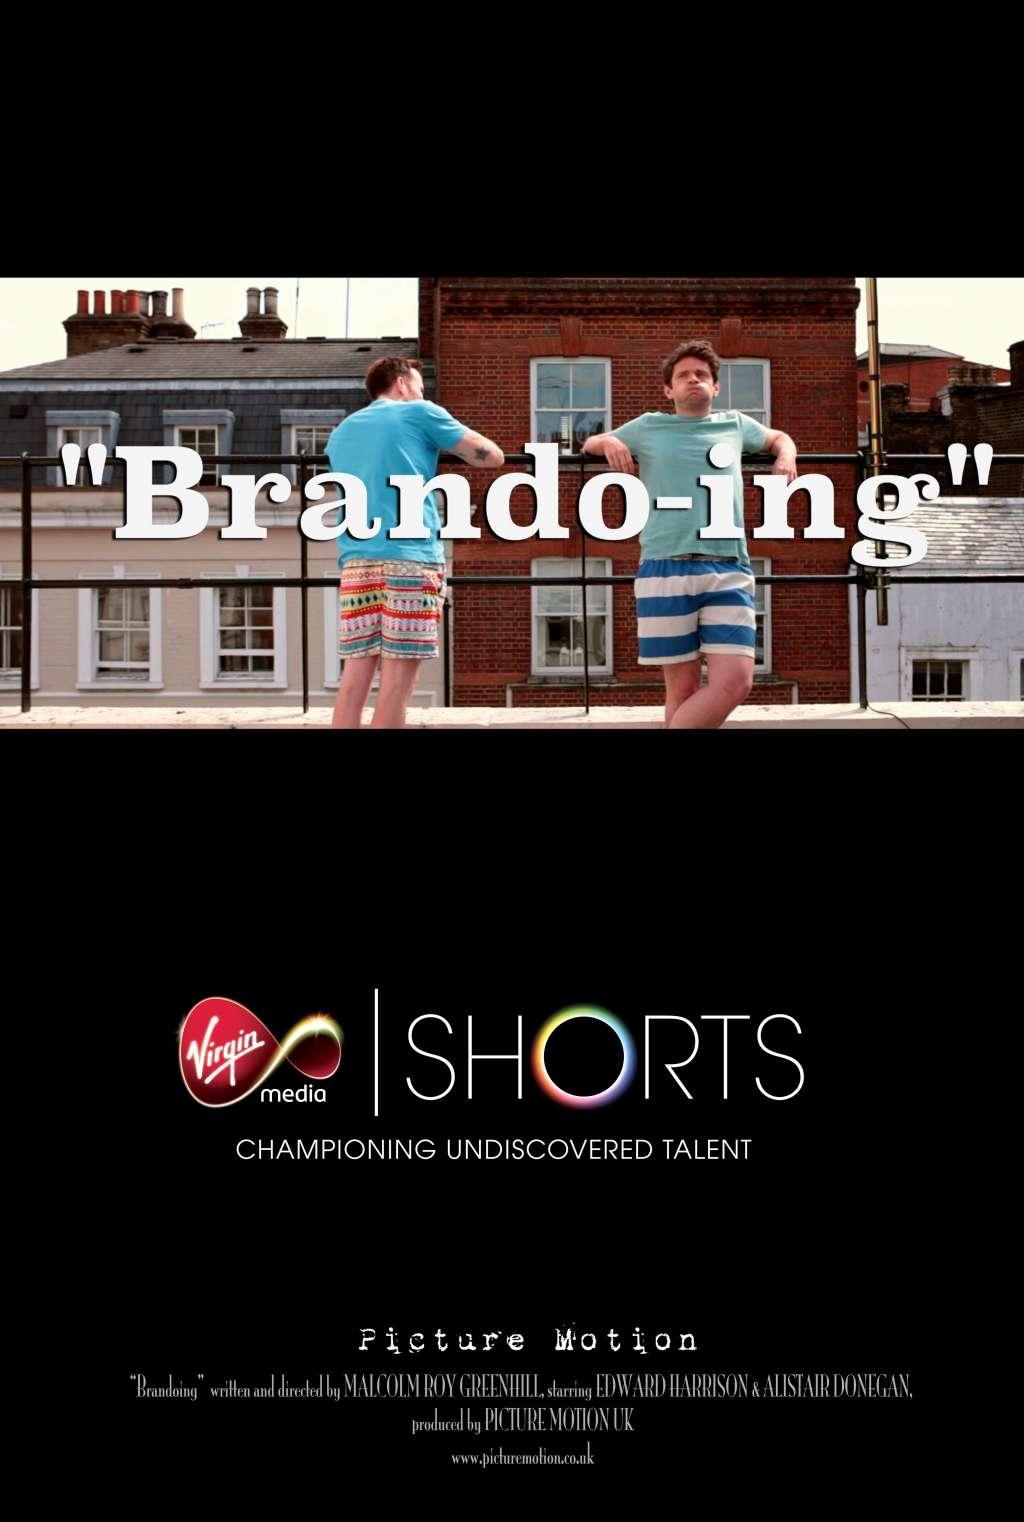 Brando-ing kapak